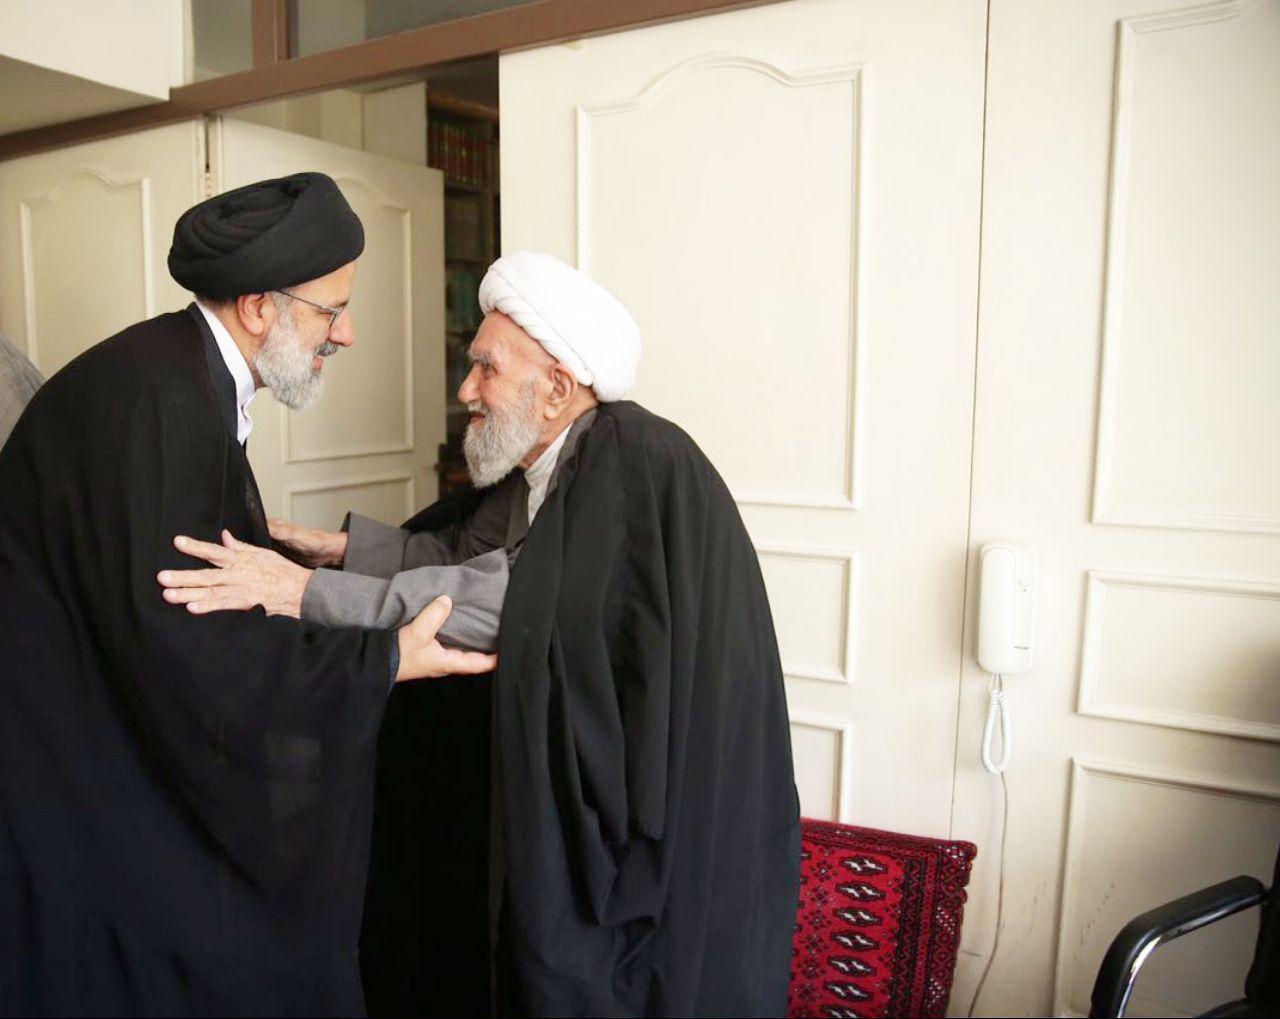 تولیت آستان قدس رضوی در اصفهان با آیت الله ناصری دیدار کرد